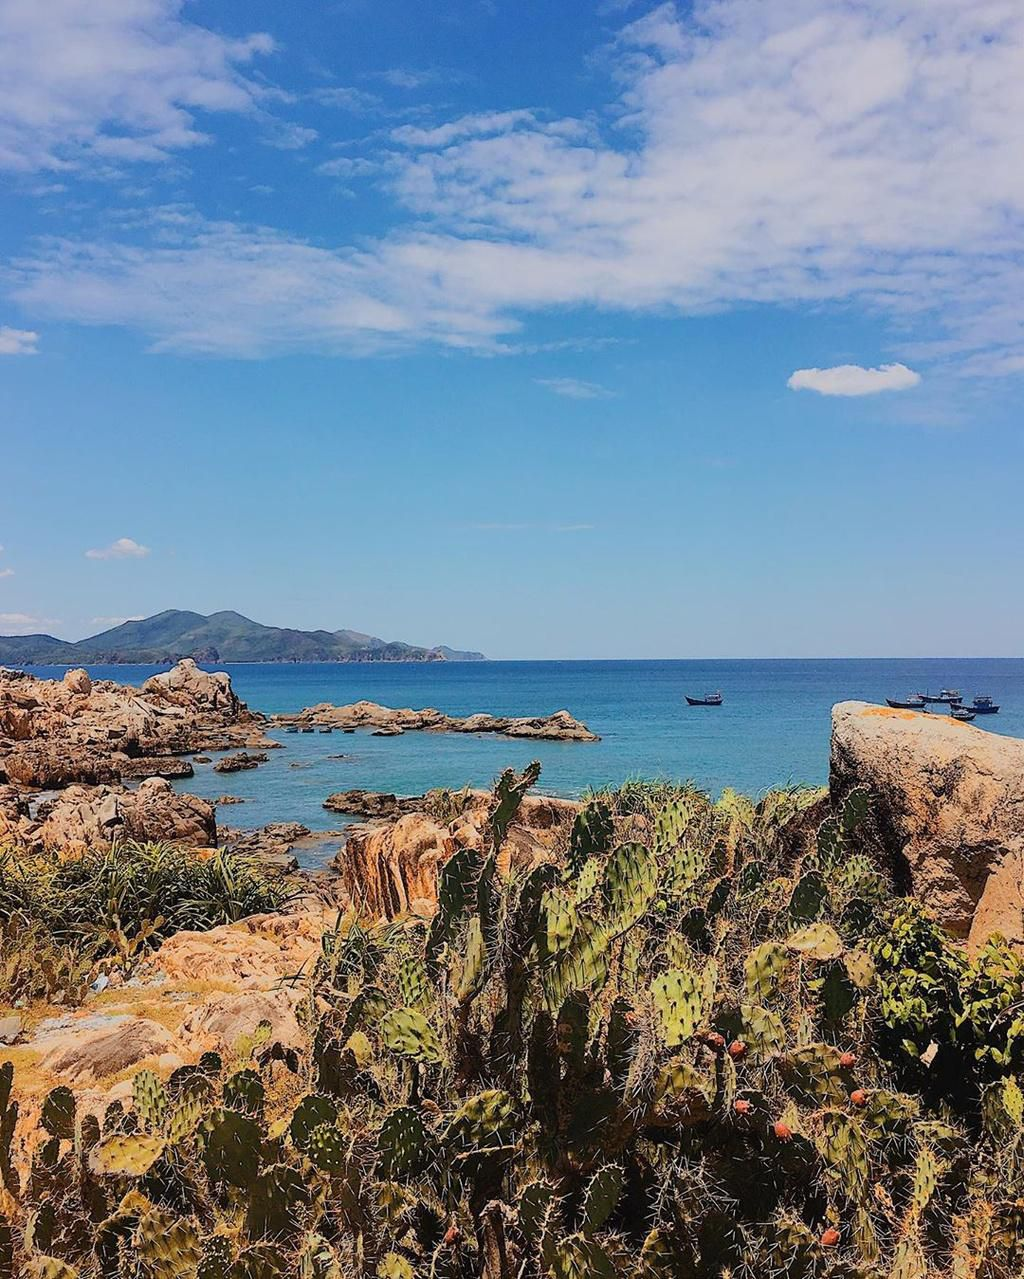 Hè này lập kèo vi vu 4 đảo cù lao tuyệt đẹp ở miền Trung Ảnh 13